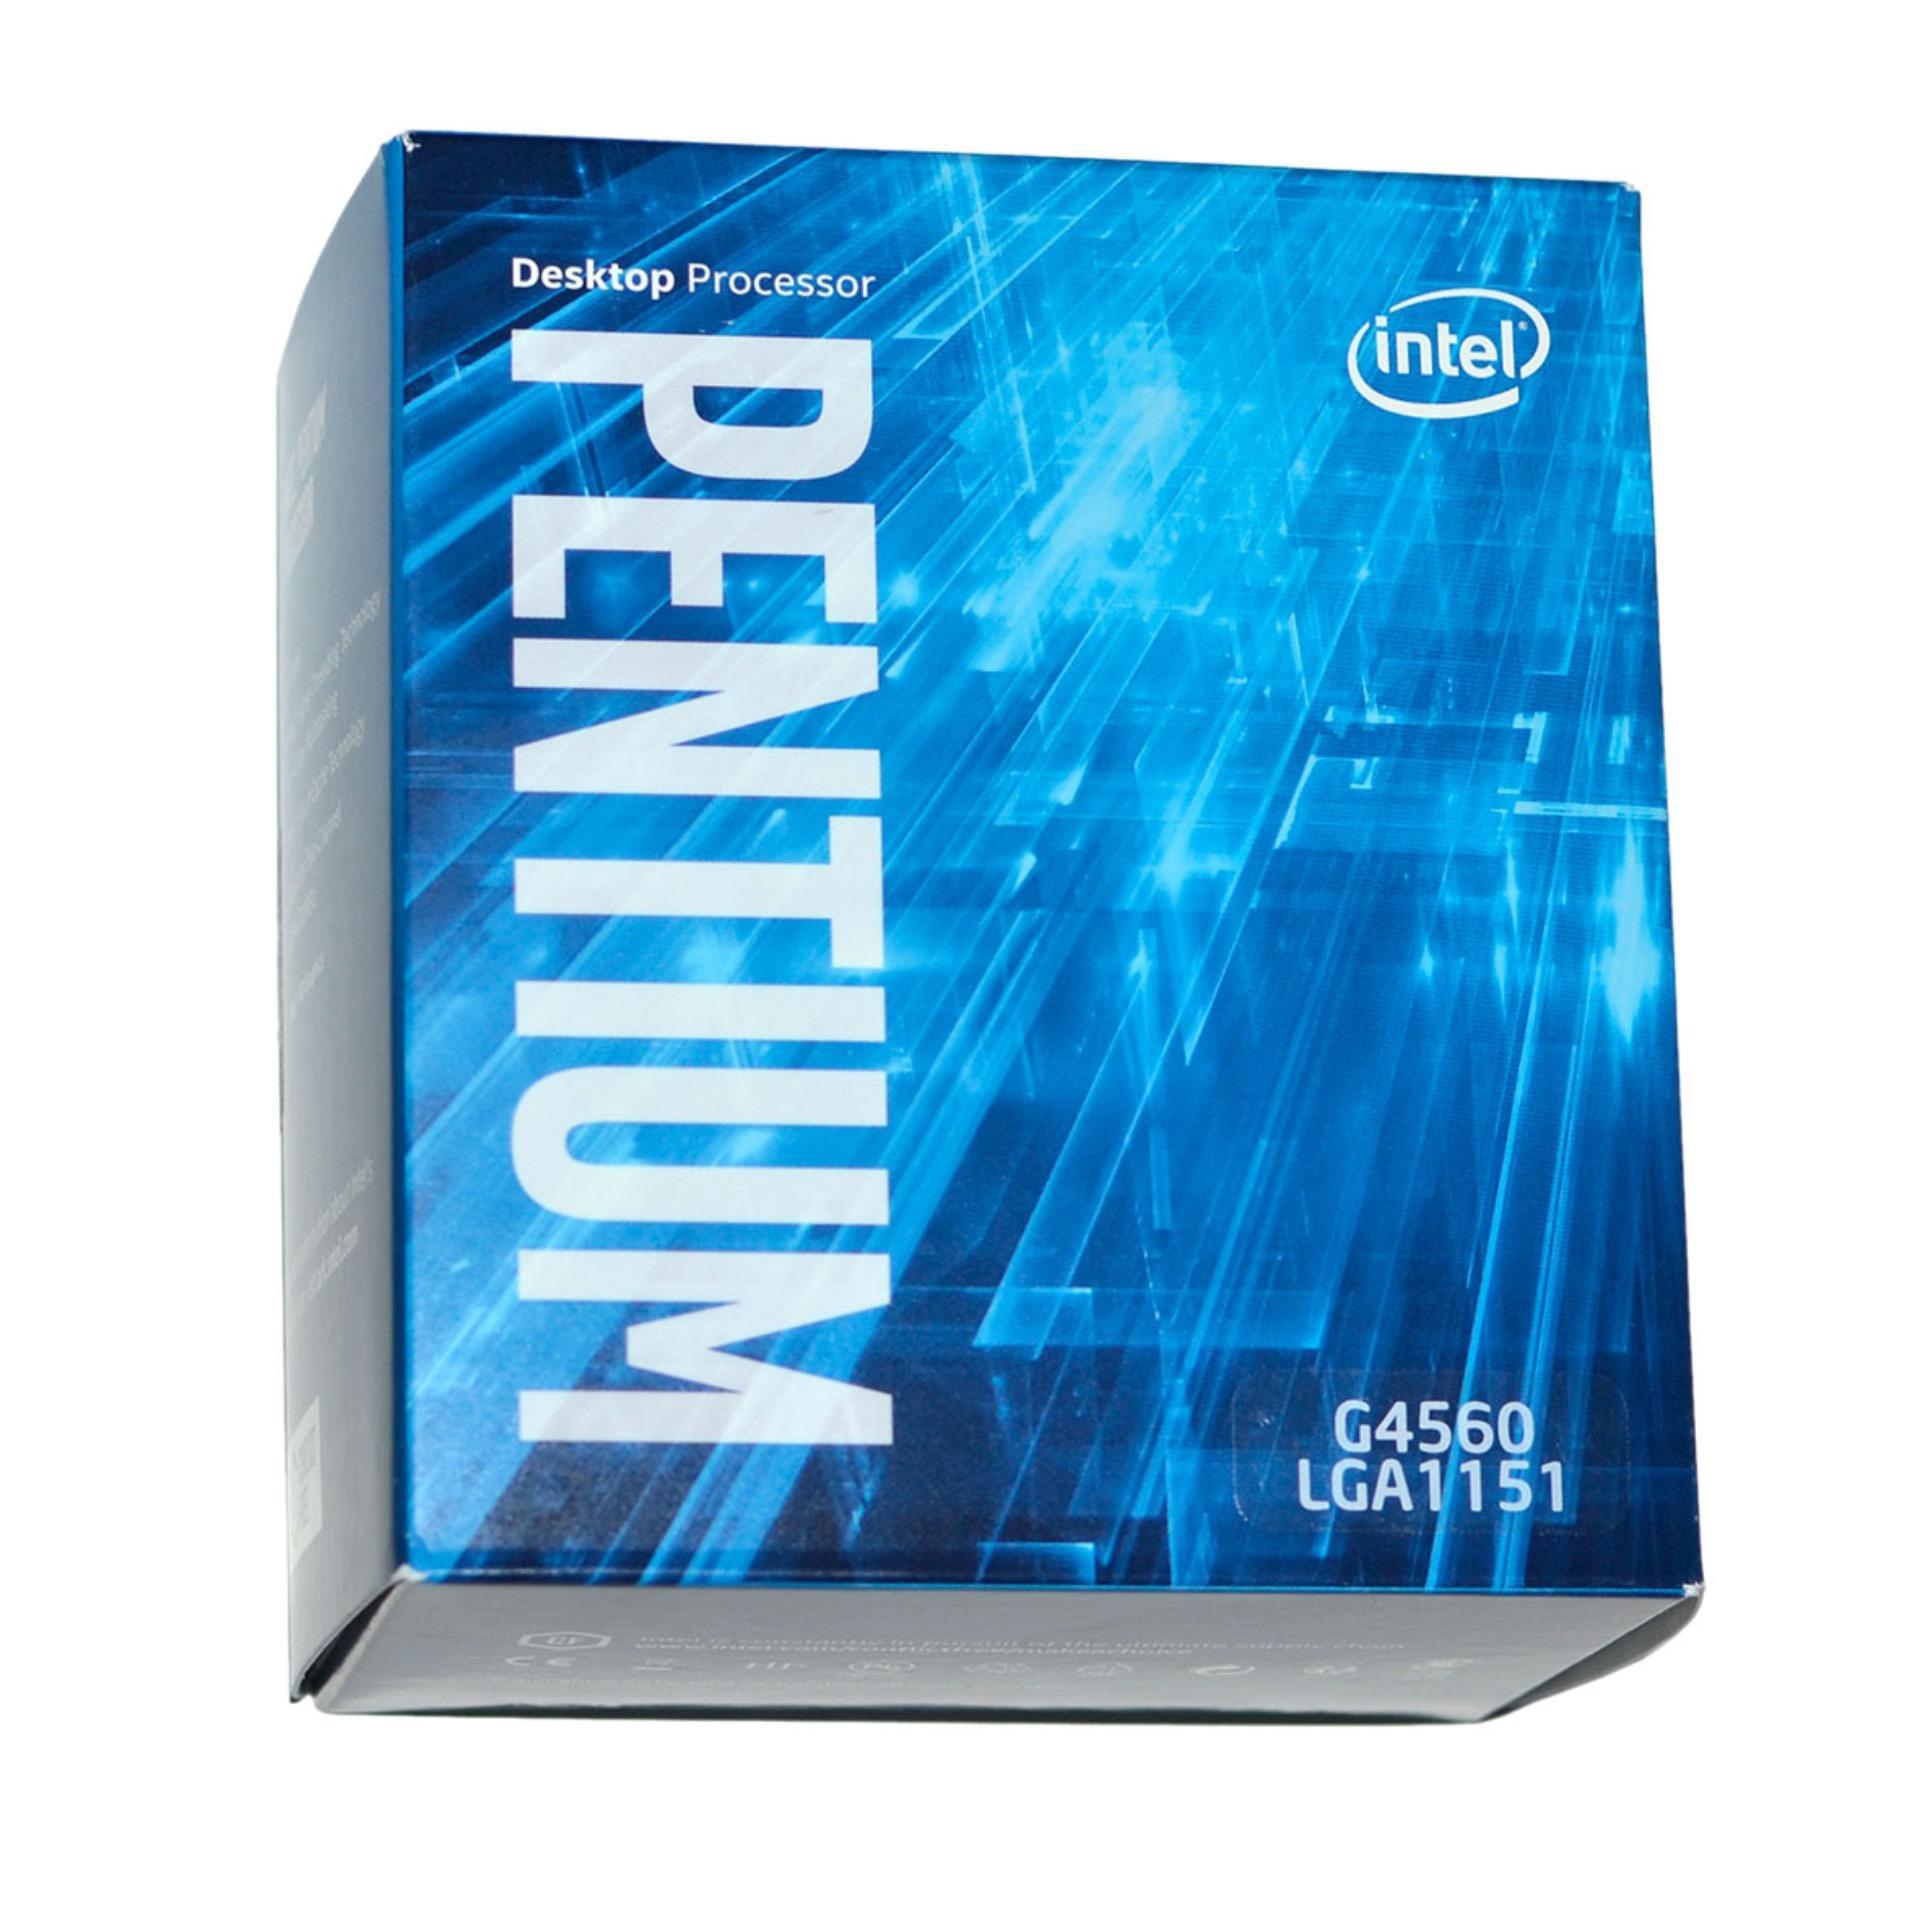 So sánh giá CPU Intel® Pentium® Processor G4560 (3M Cache, 3.50 GHz) socket 1151- Hàng nhập khẩu Tại Máy tính Quốc Đạt